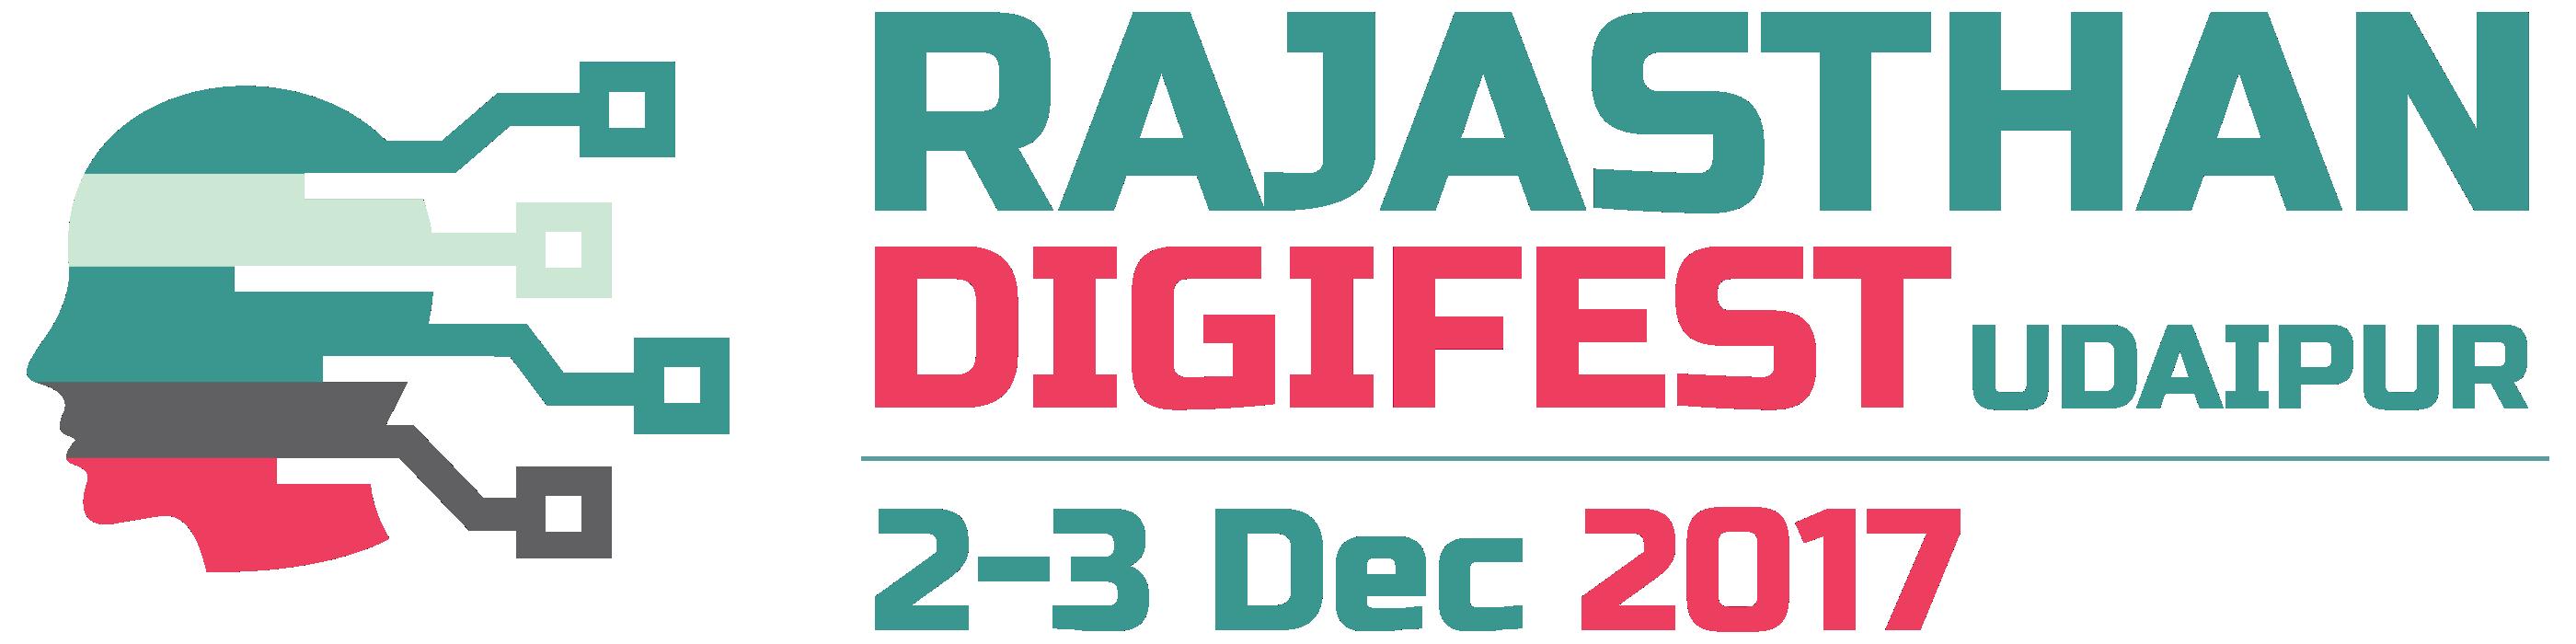 RAJASTHAN DIGIFEST 2017